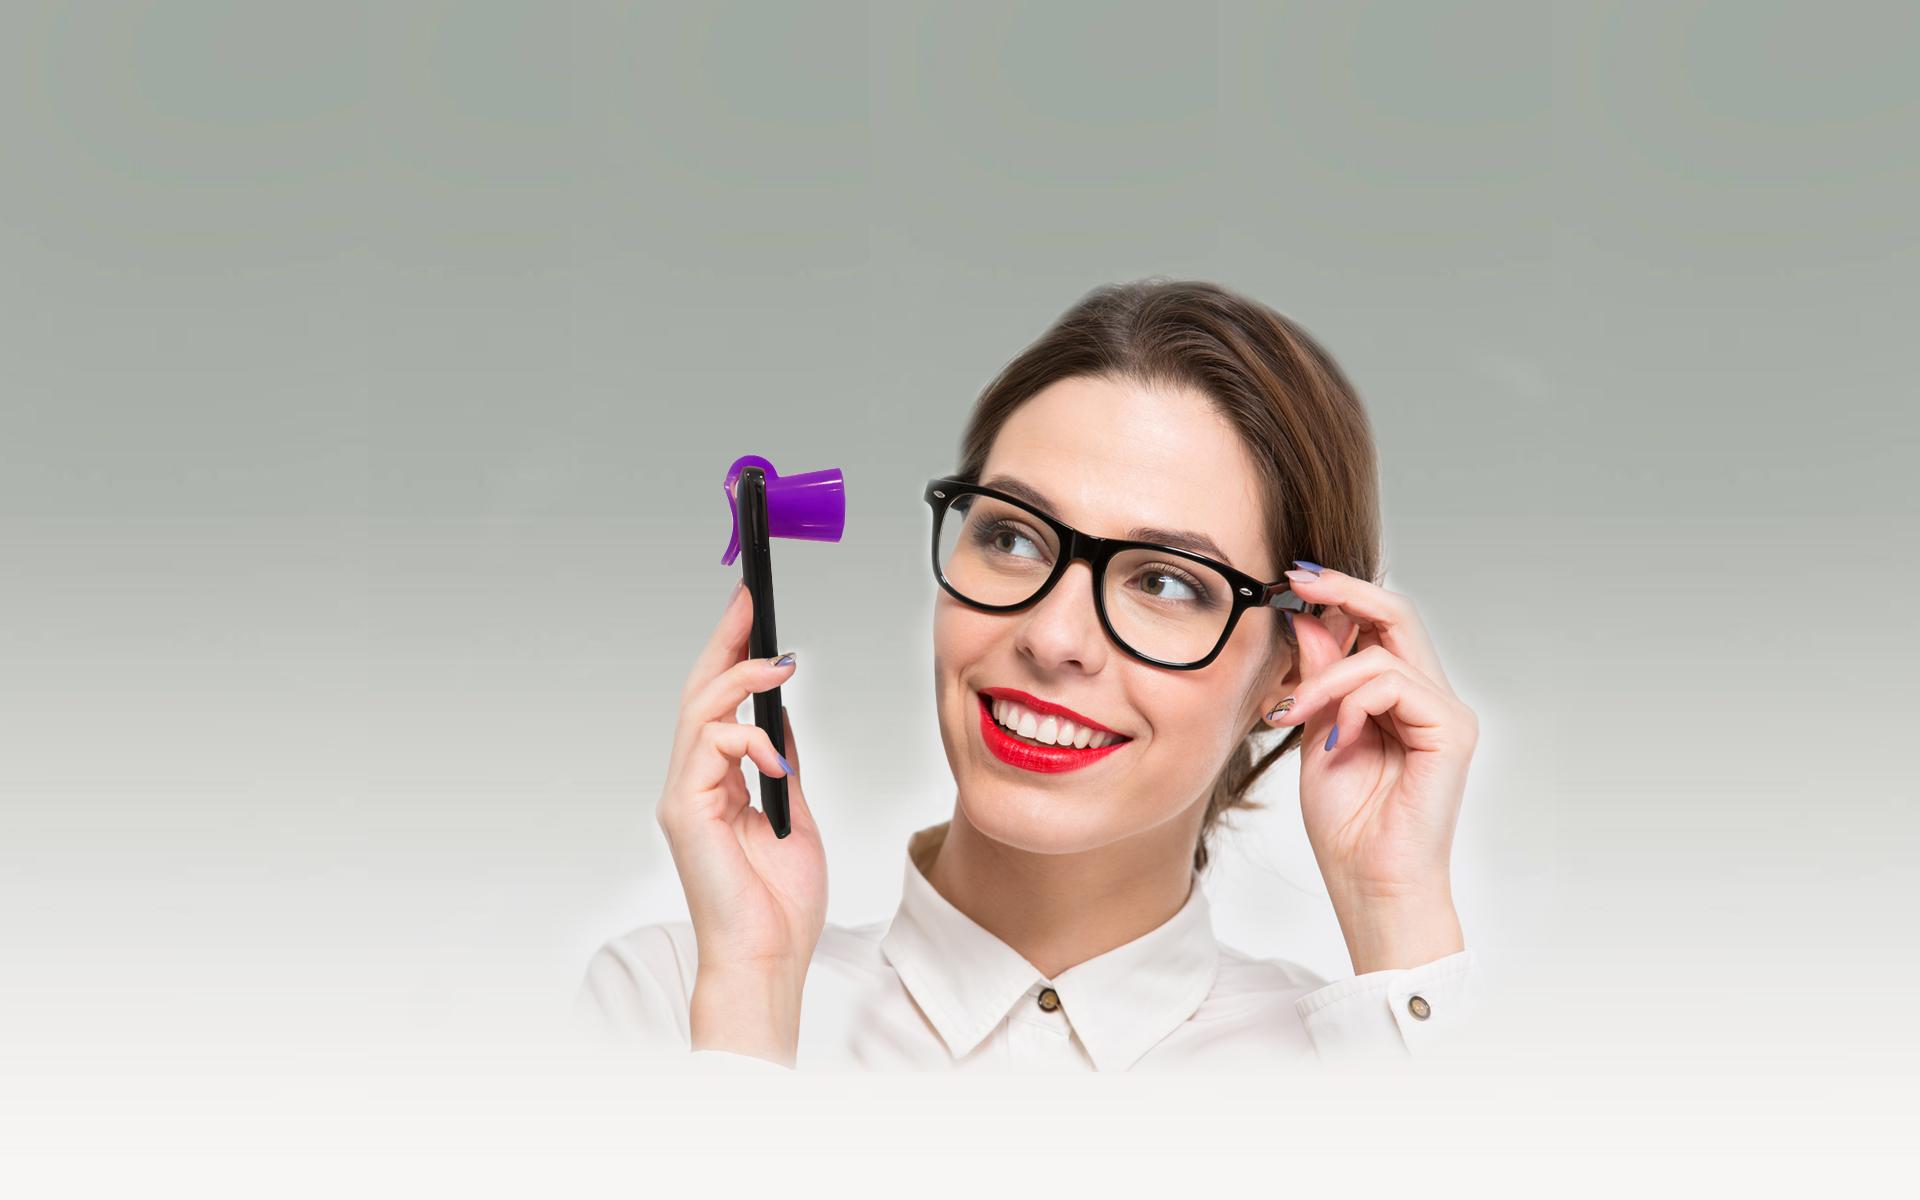 distanziofono-onde-elettromagnetiche-acessorio-per-cellulare-viola-donna-di-affari